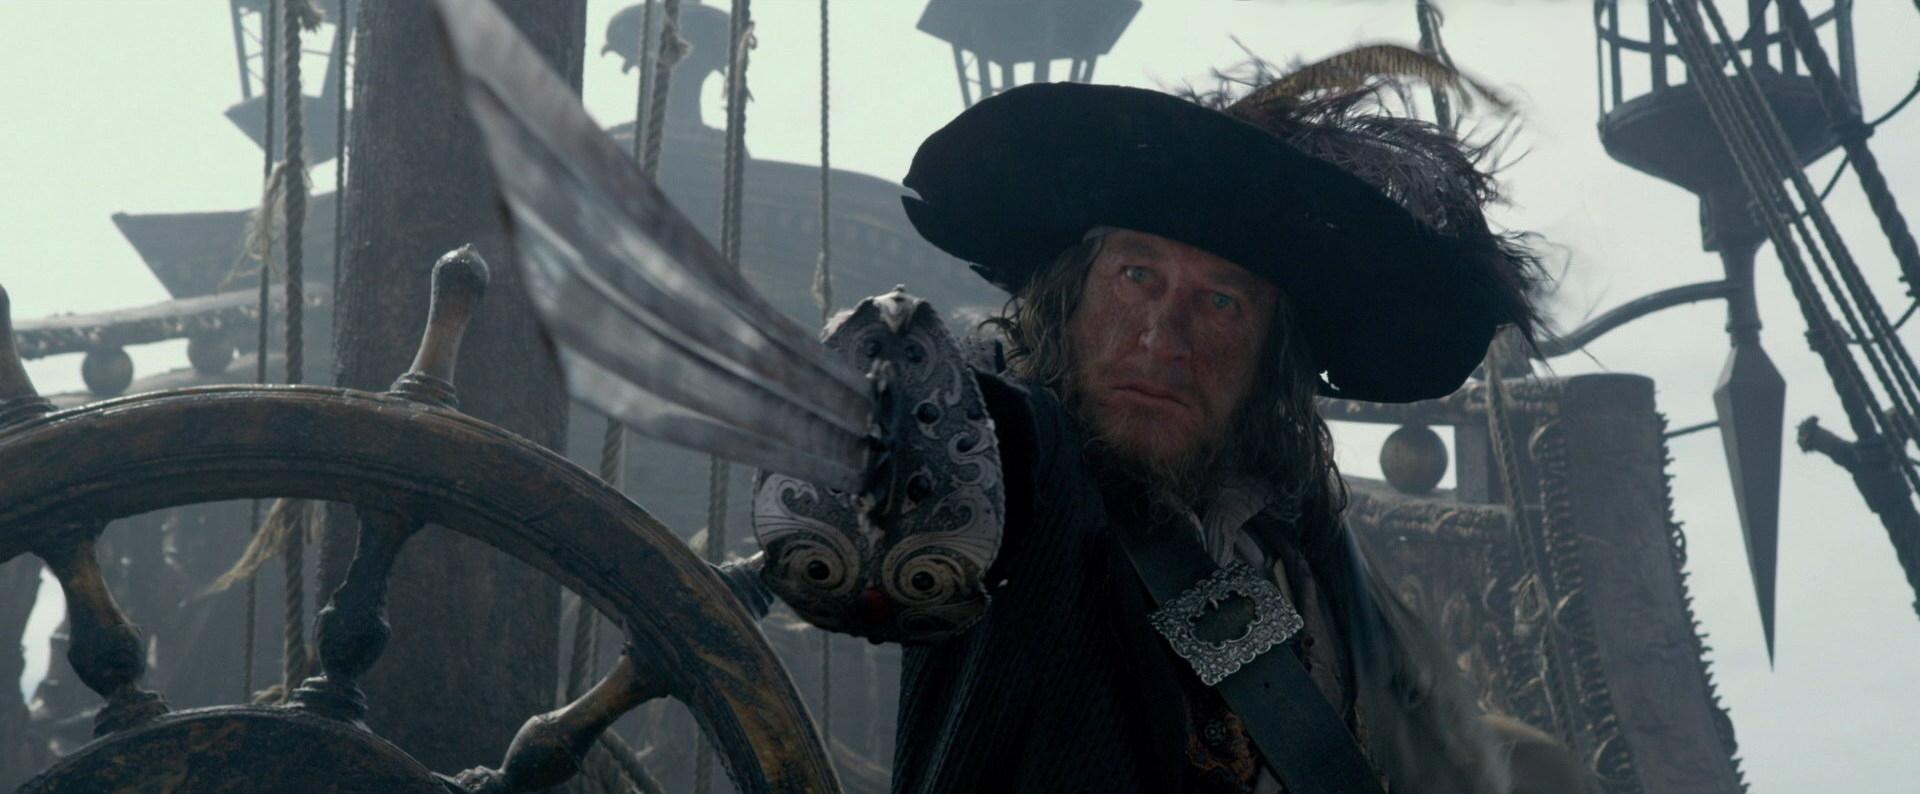 Hector Barbossa Sword